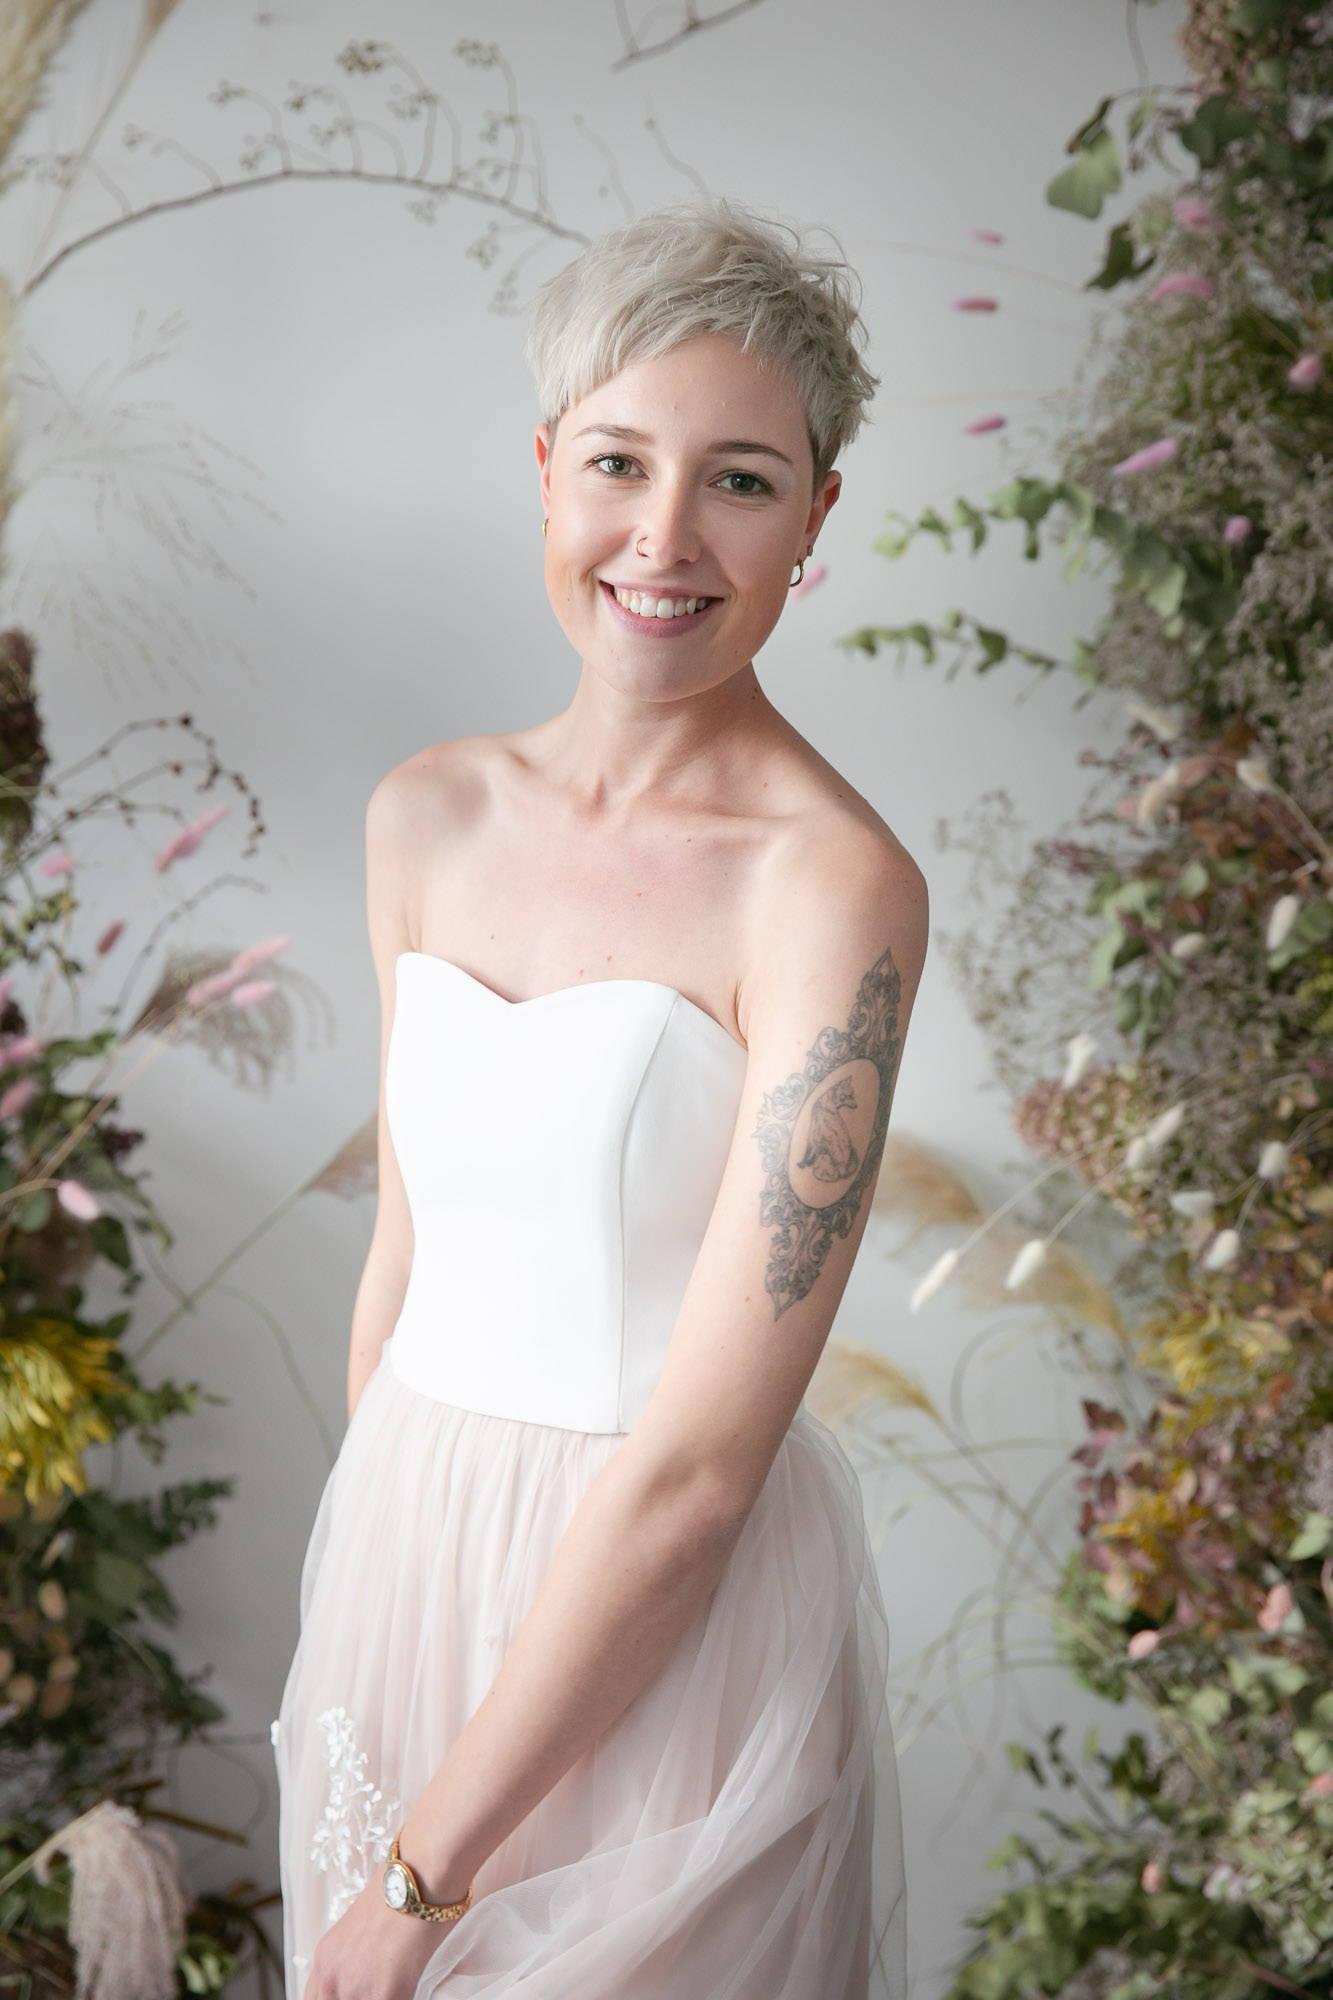 noni Brautkleider, moderner Brautkleid Zweiteiler mit Corsage nd farbigem Tüllrock